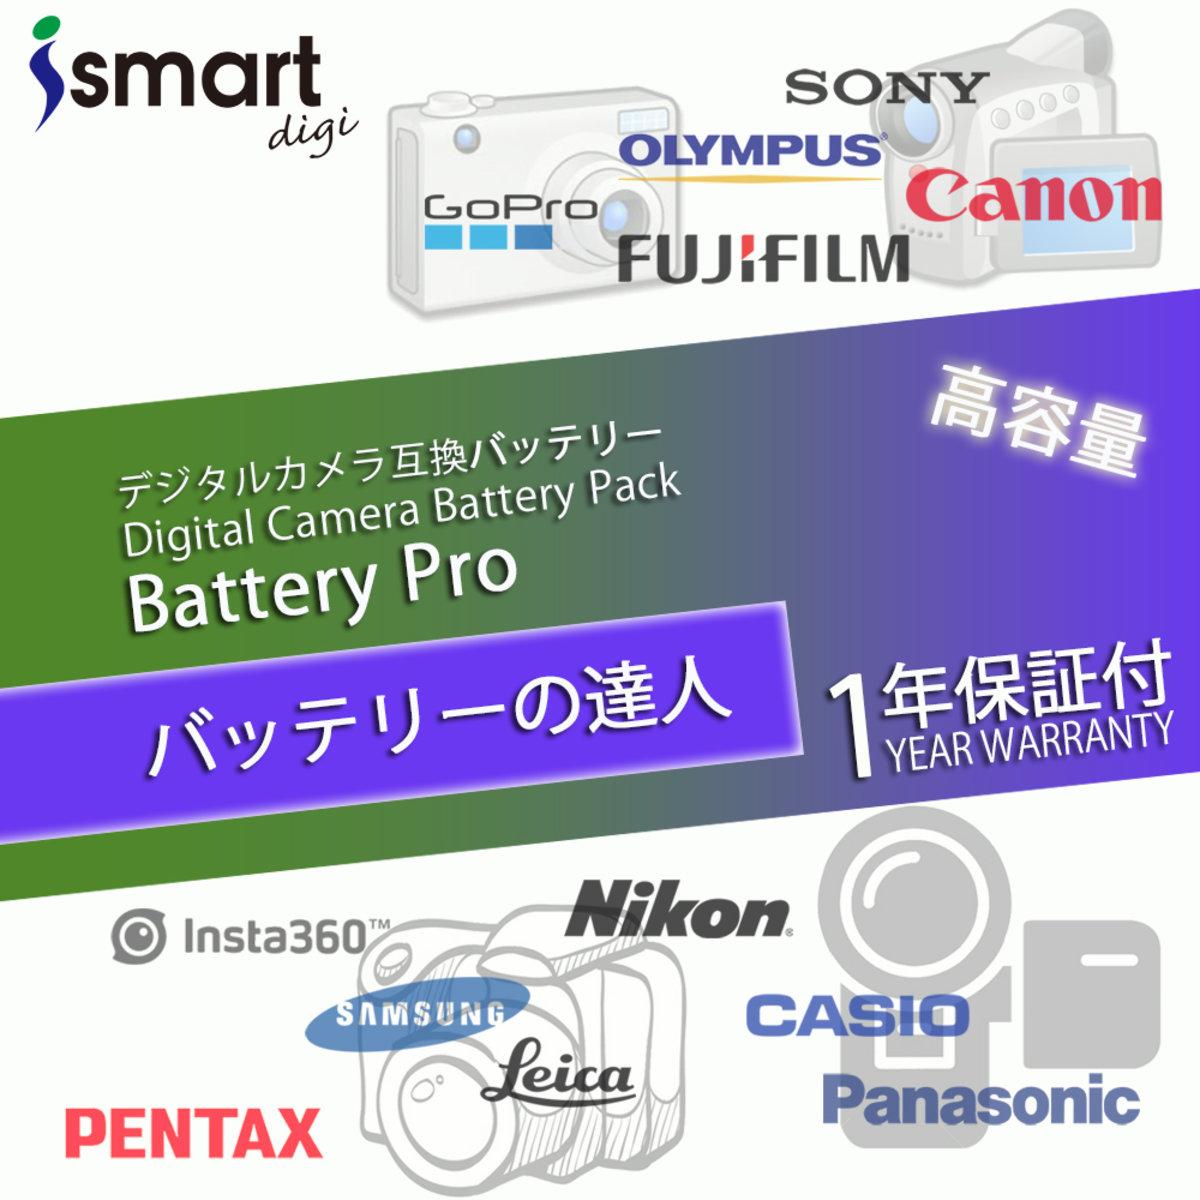 佳能數碼相機電池(適合: (PowerShot A2300/A3400IS ,IXUS 245HS,IXUS 145,IXUS 150 ,IXUS 155 ,IXUS 265 HS ,SX400 IS)